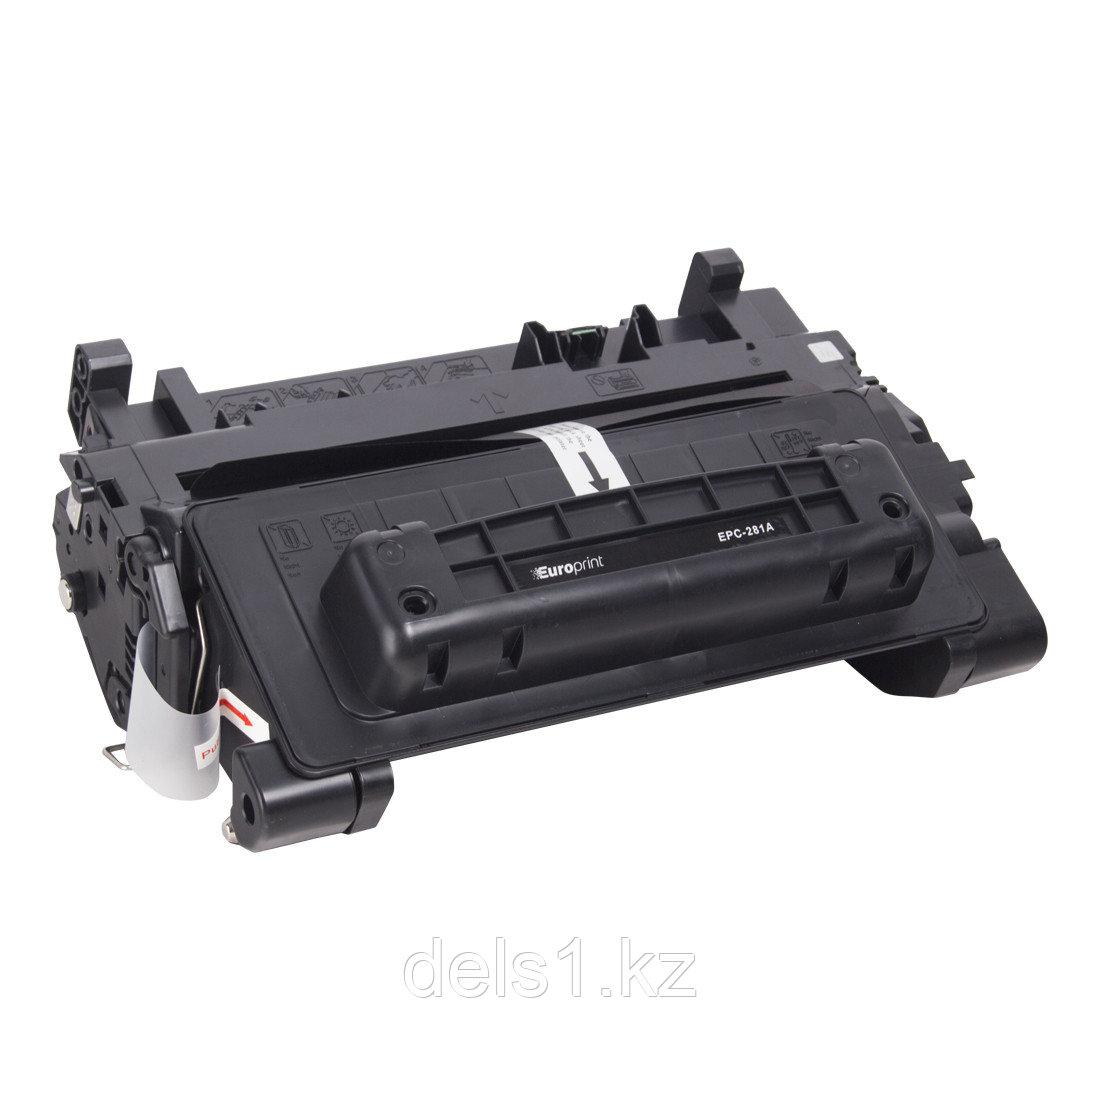 Картридж, Europrint, EPC-281A, Для принтеров HP LaserJet Enterprise M604n/dn/M605n/dn/M606d/M630 series